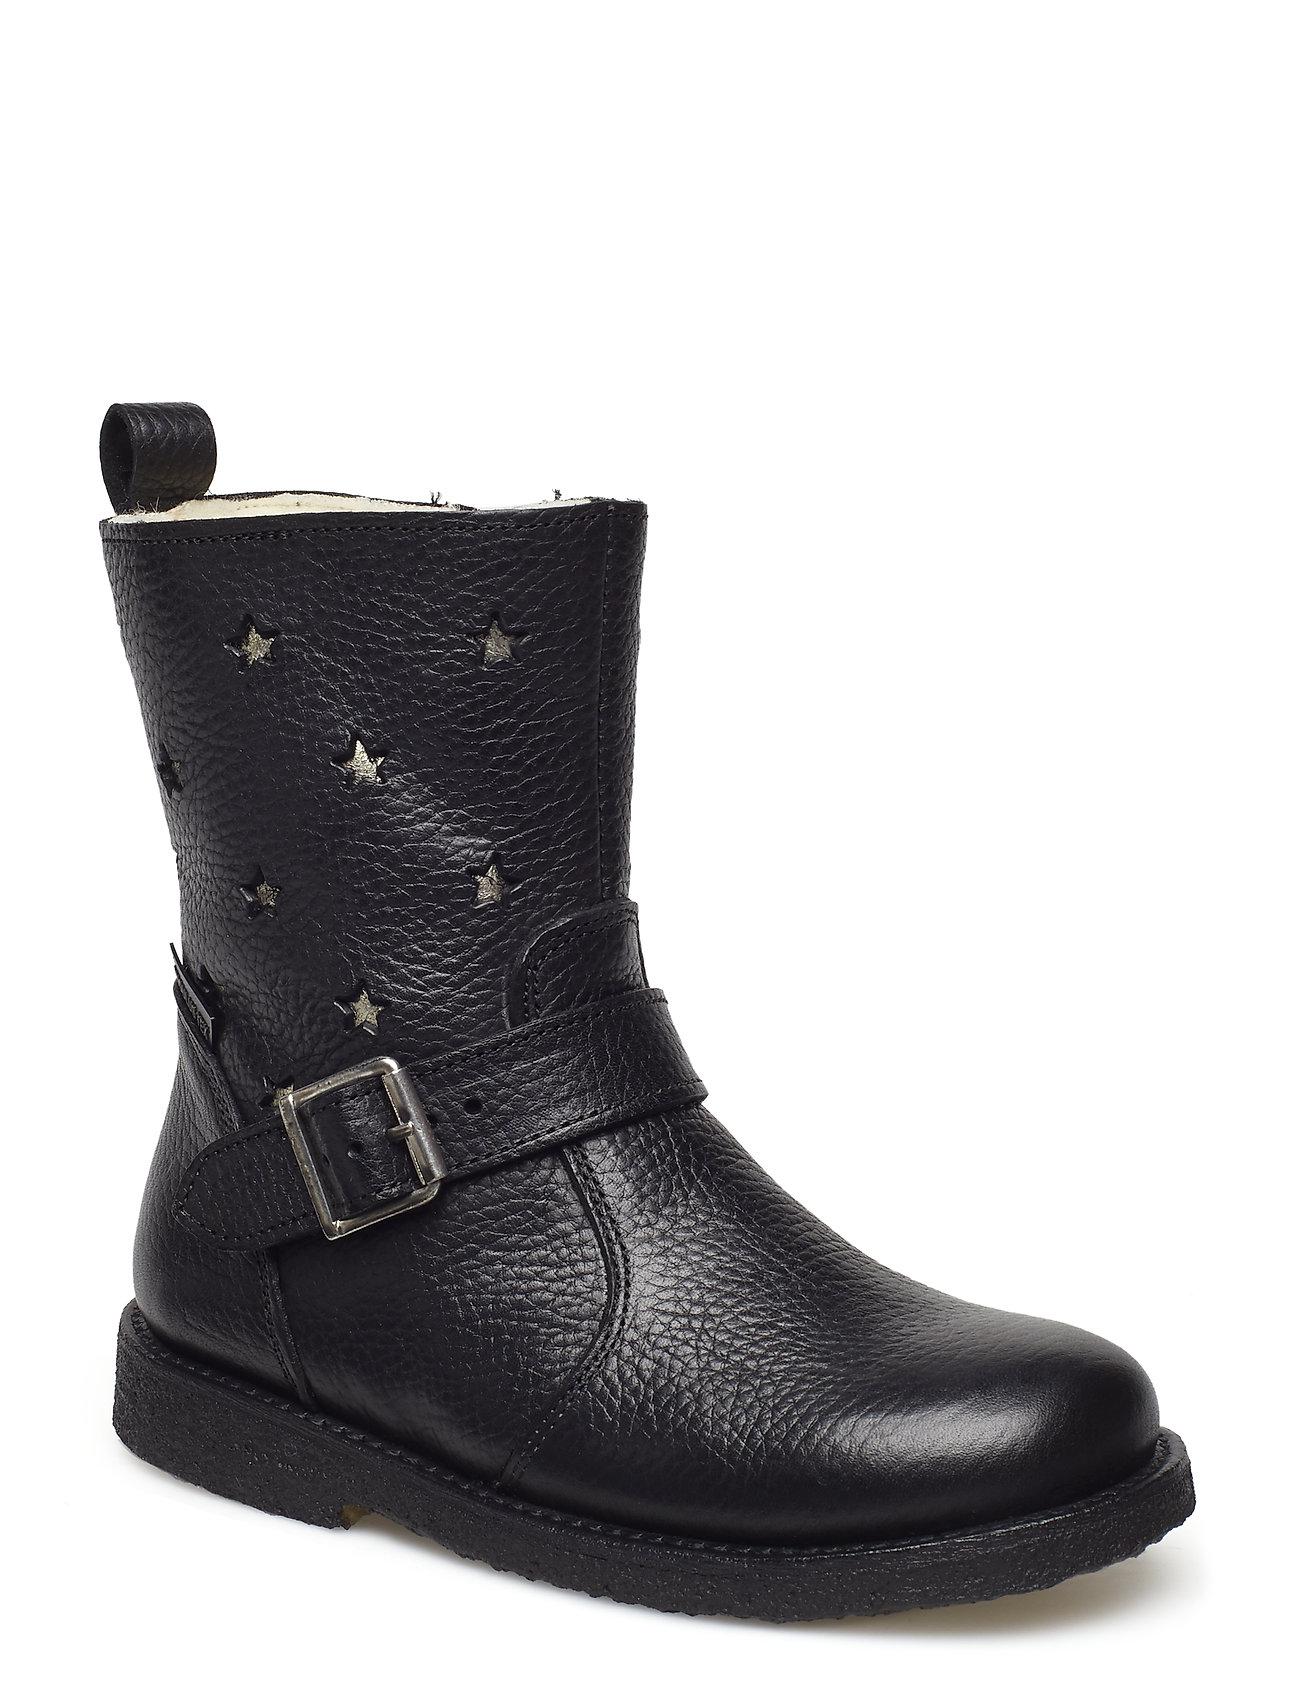 ANGULUS Boots - flat - 2504/1325 BLACK/CHAMPAGNE